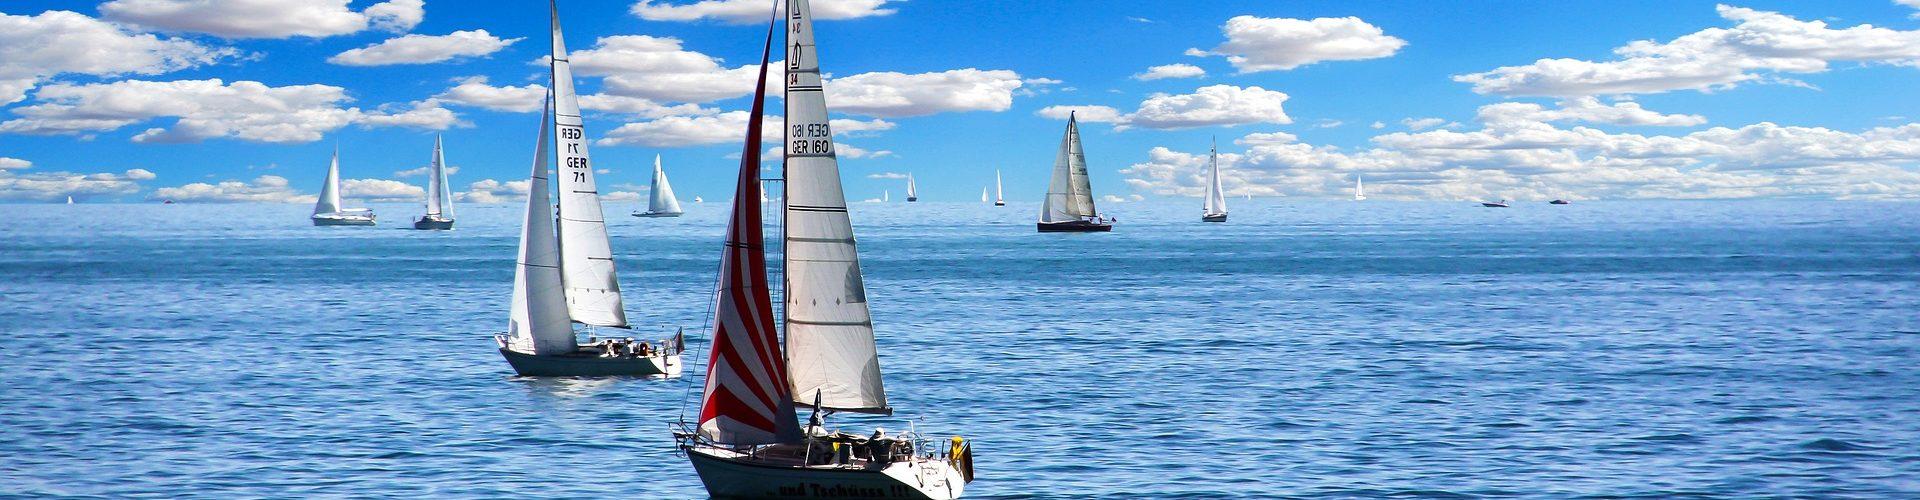 segeln lernen in Rhauderfehn segelschein machen in Rhauderfehn 1920x500 - Segeln lernen in Rhauderfehn